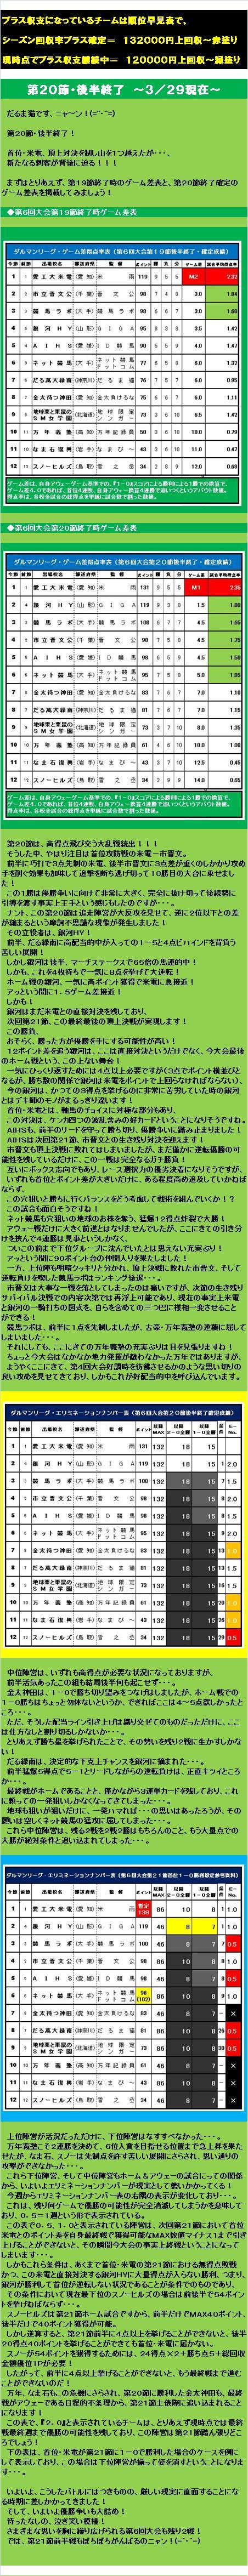 20150506・ダルマンリーグ第20節後半終了結果②.jpg